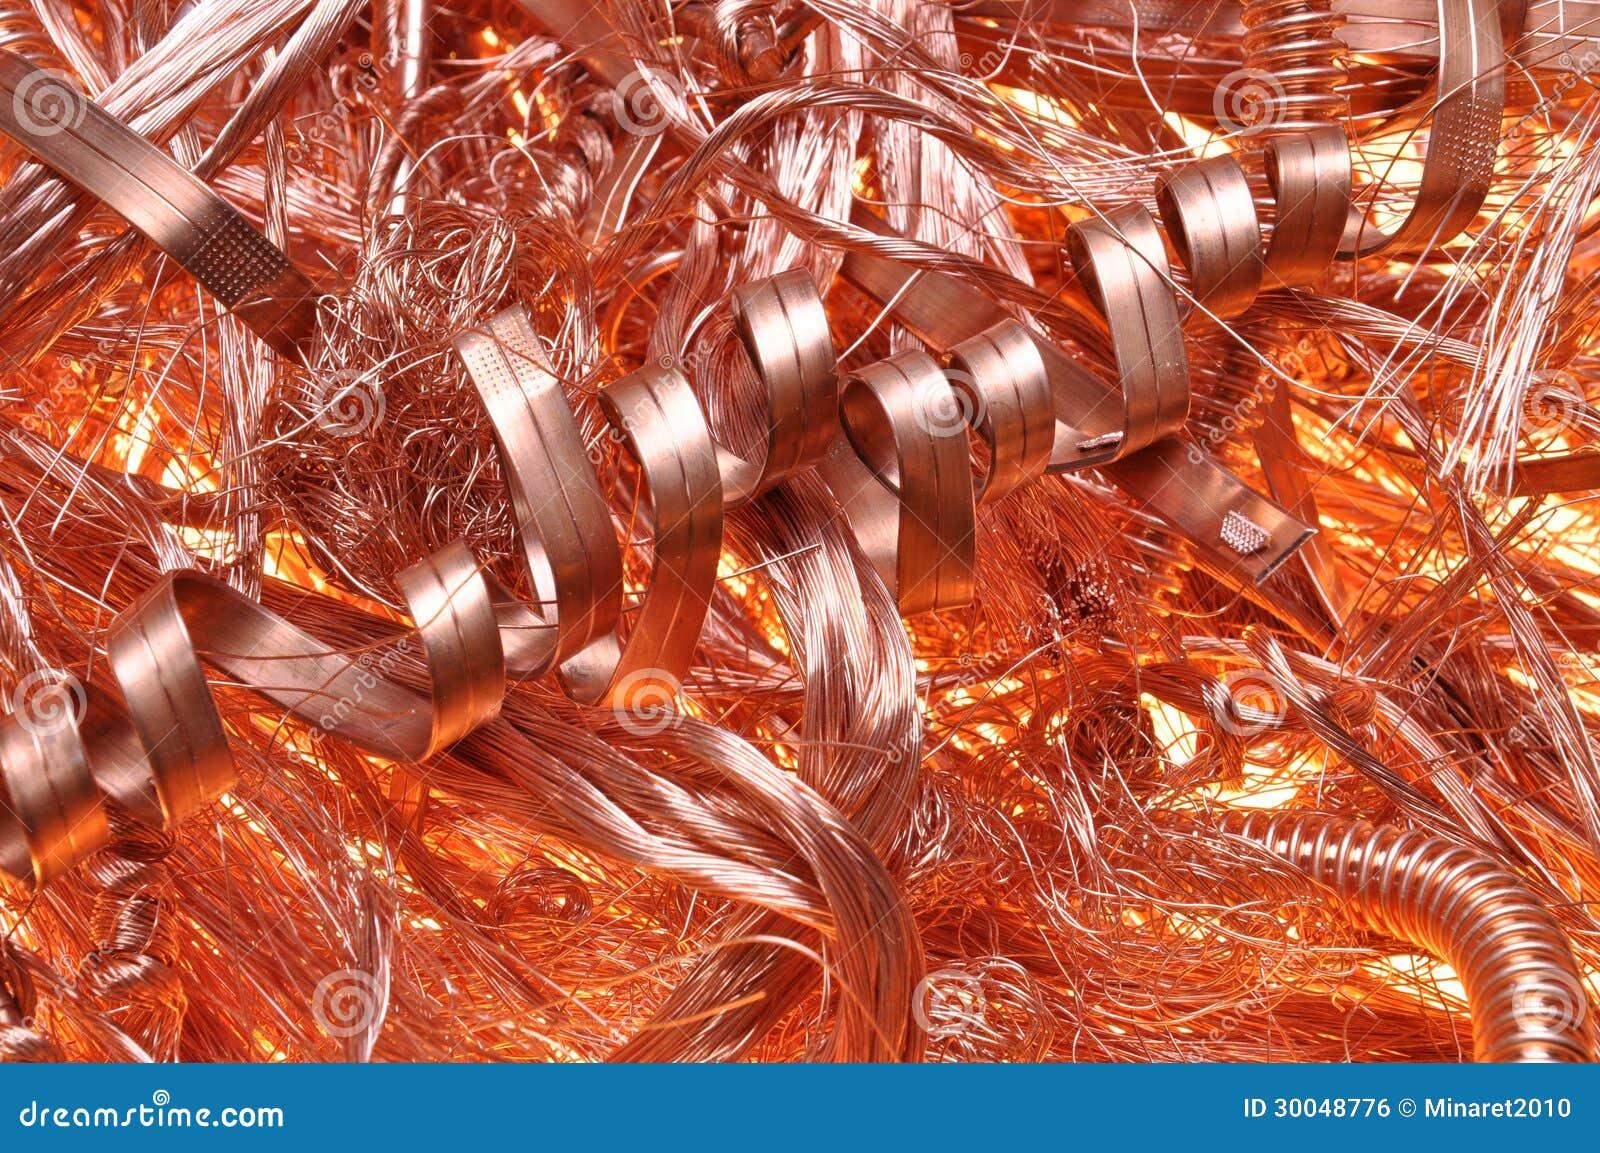 Schrott-Kupferdrähte stockfoto. Bild von porzellan, material ...